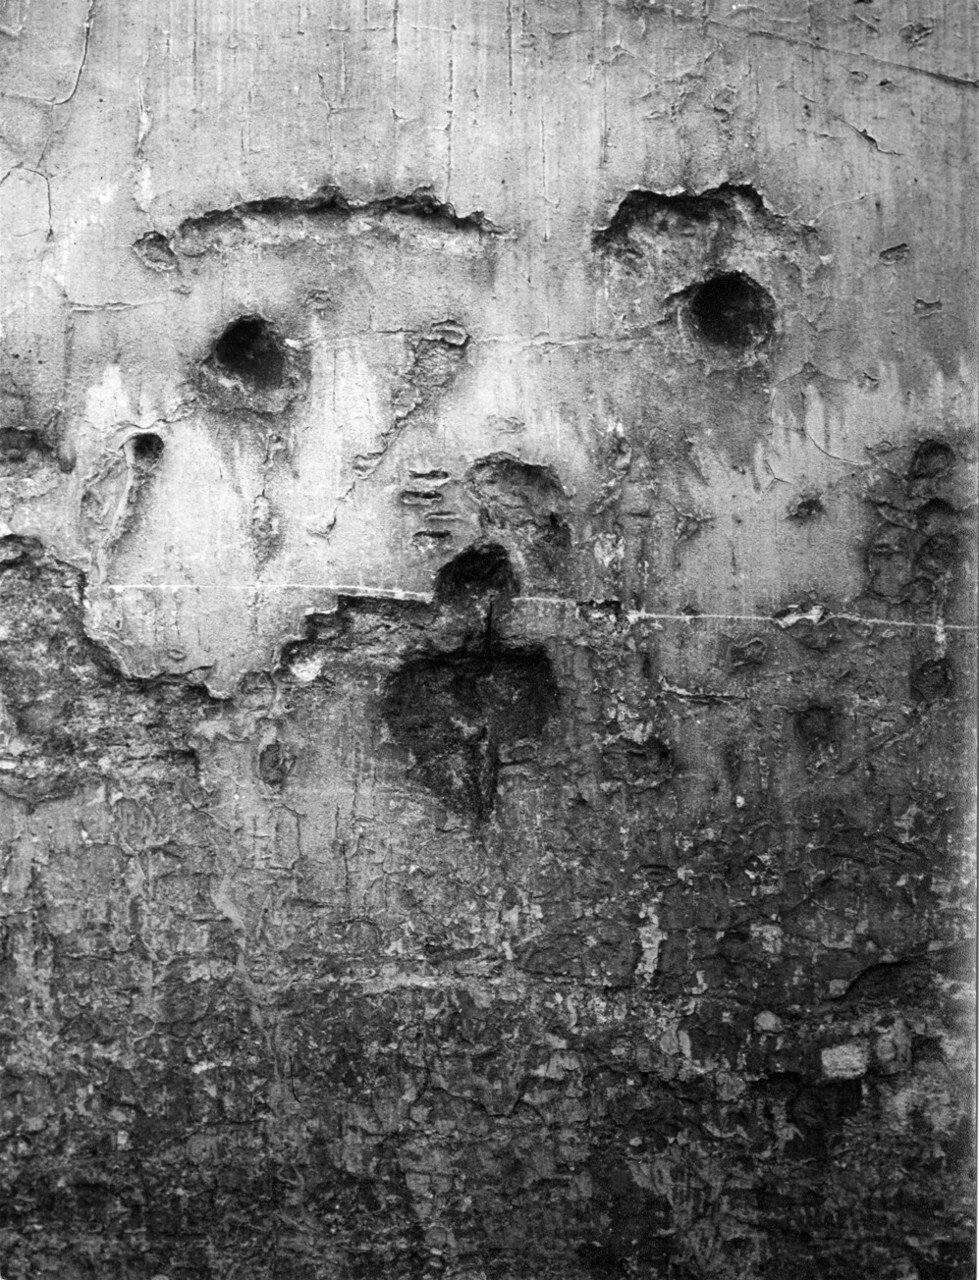 1935. Граффити. Серия IV Маски и лица